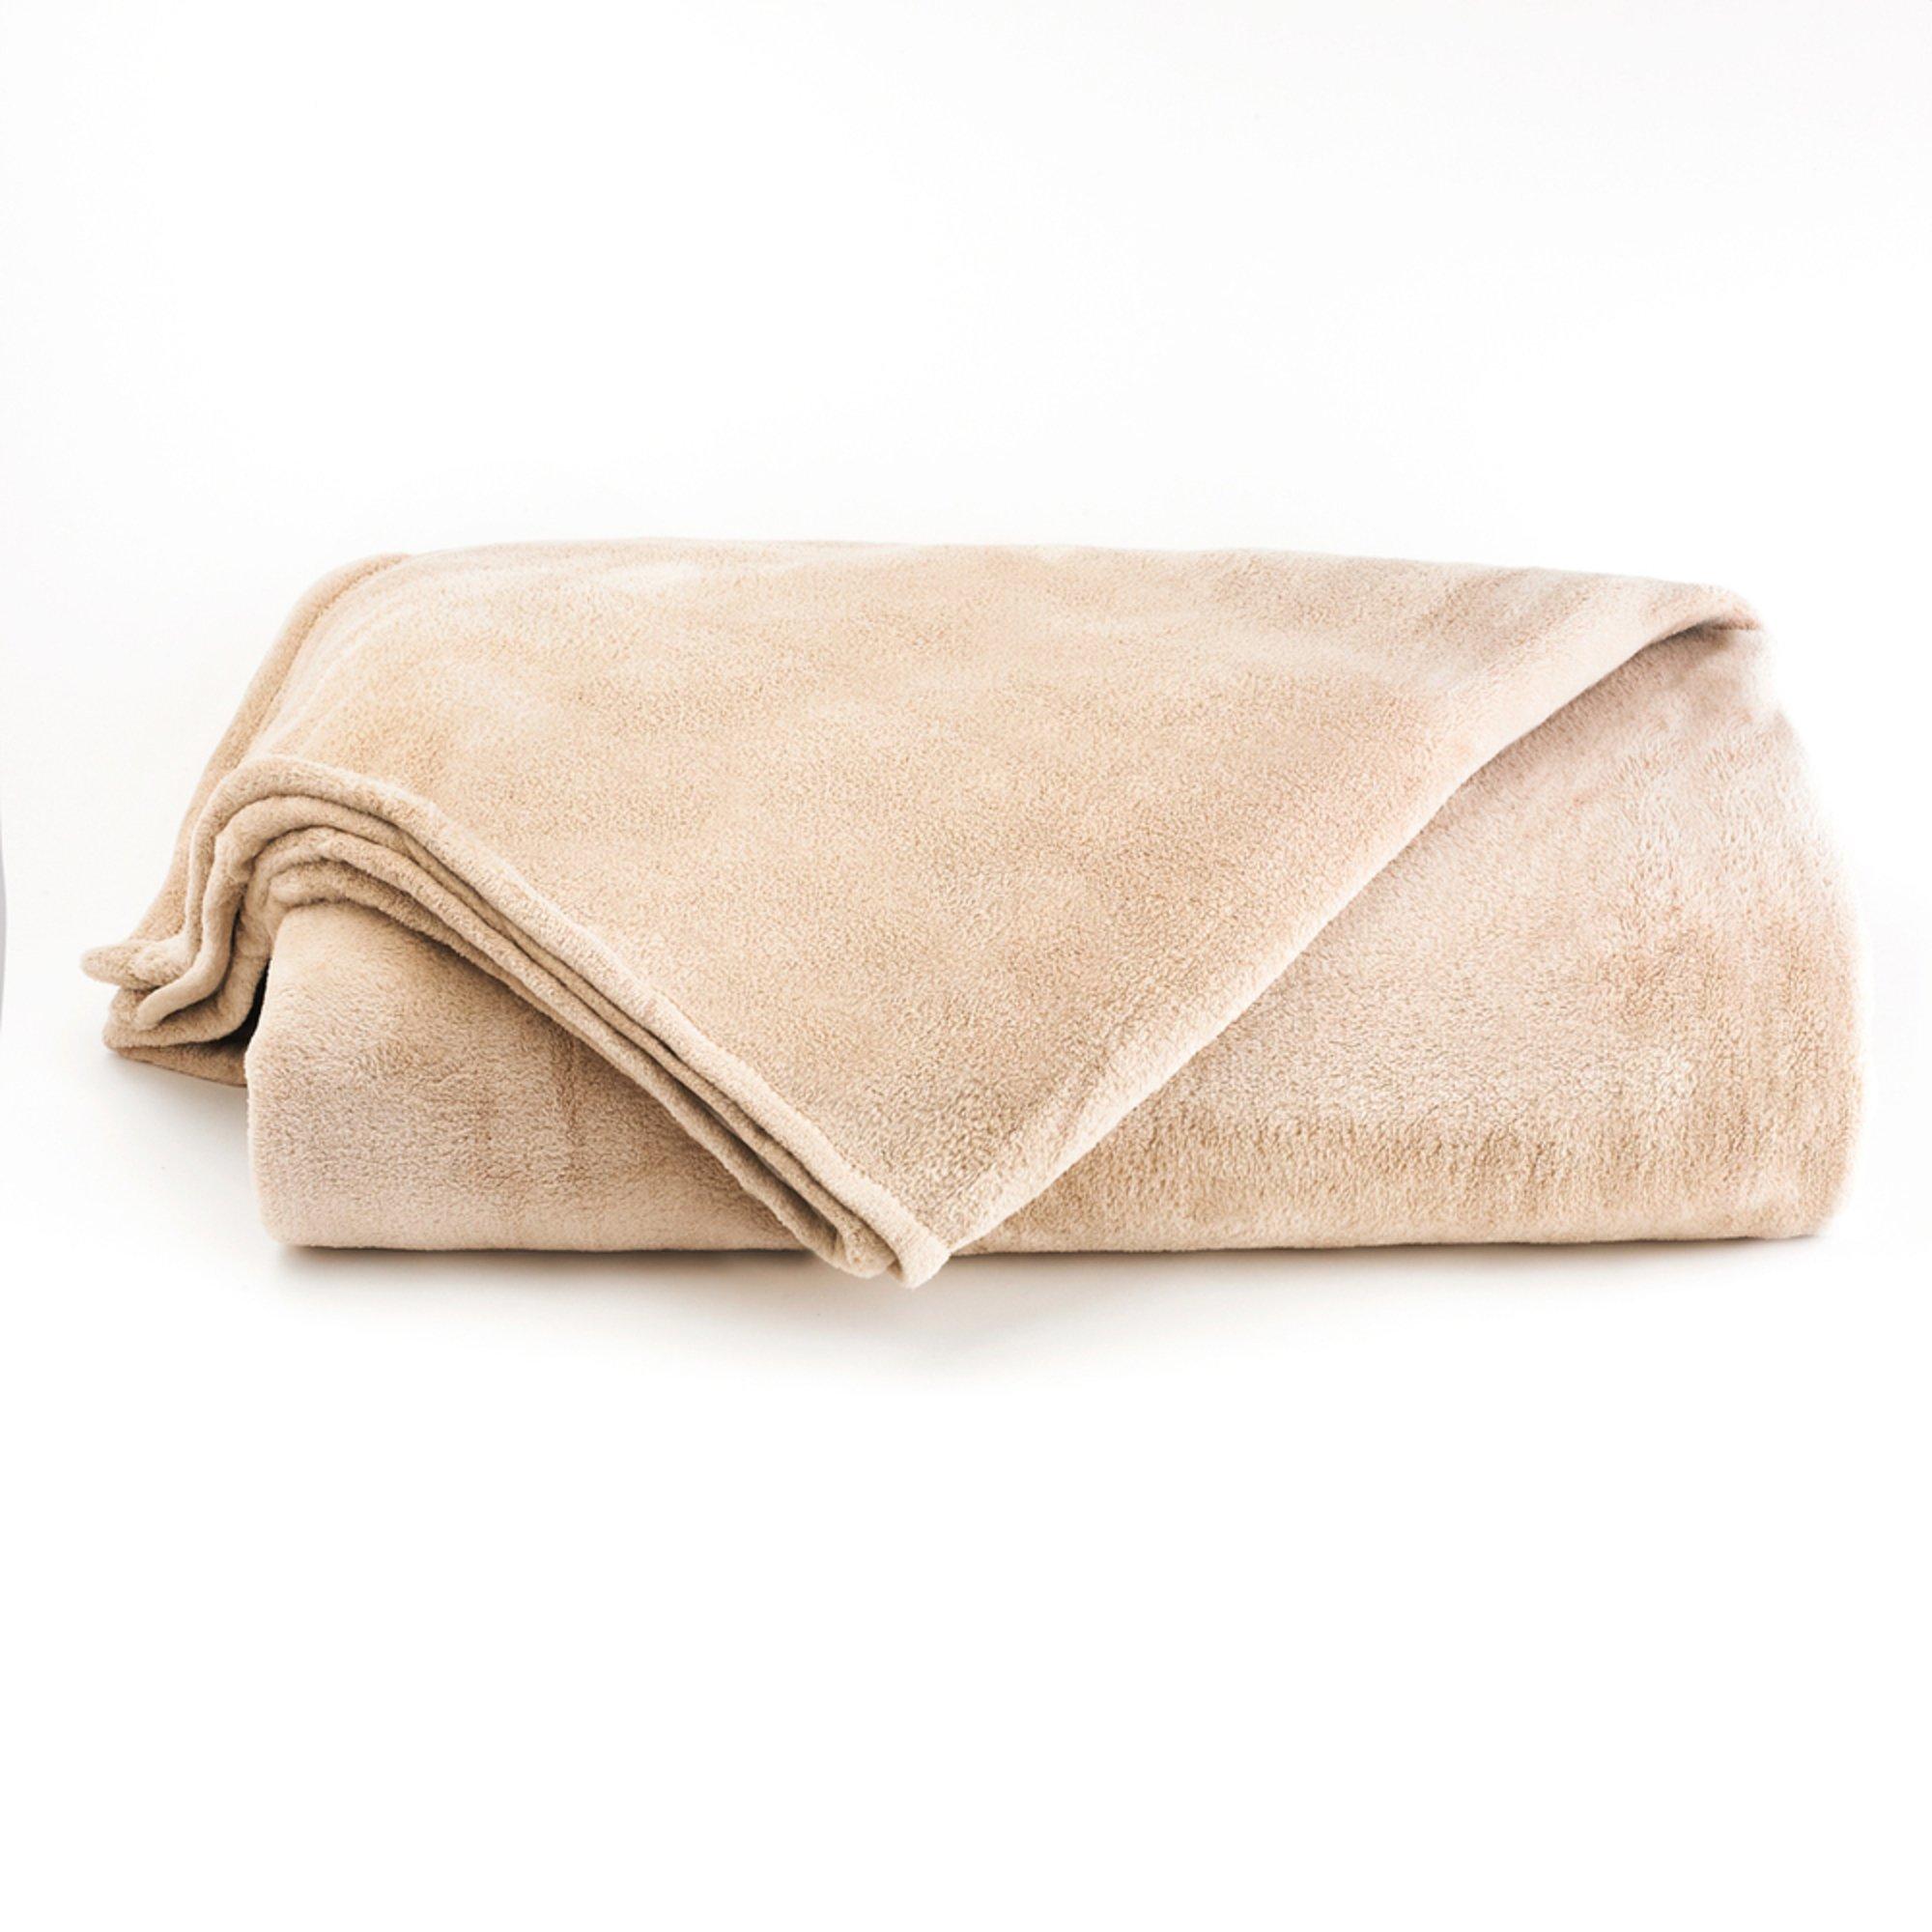 Berkshire Plush Blanket Oyster King Basic Blankets